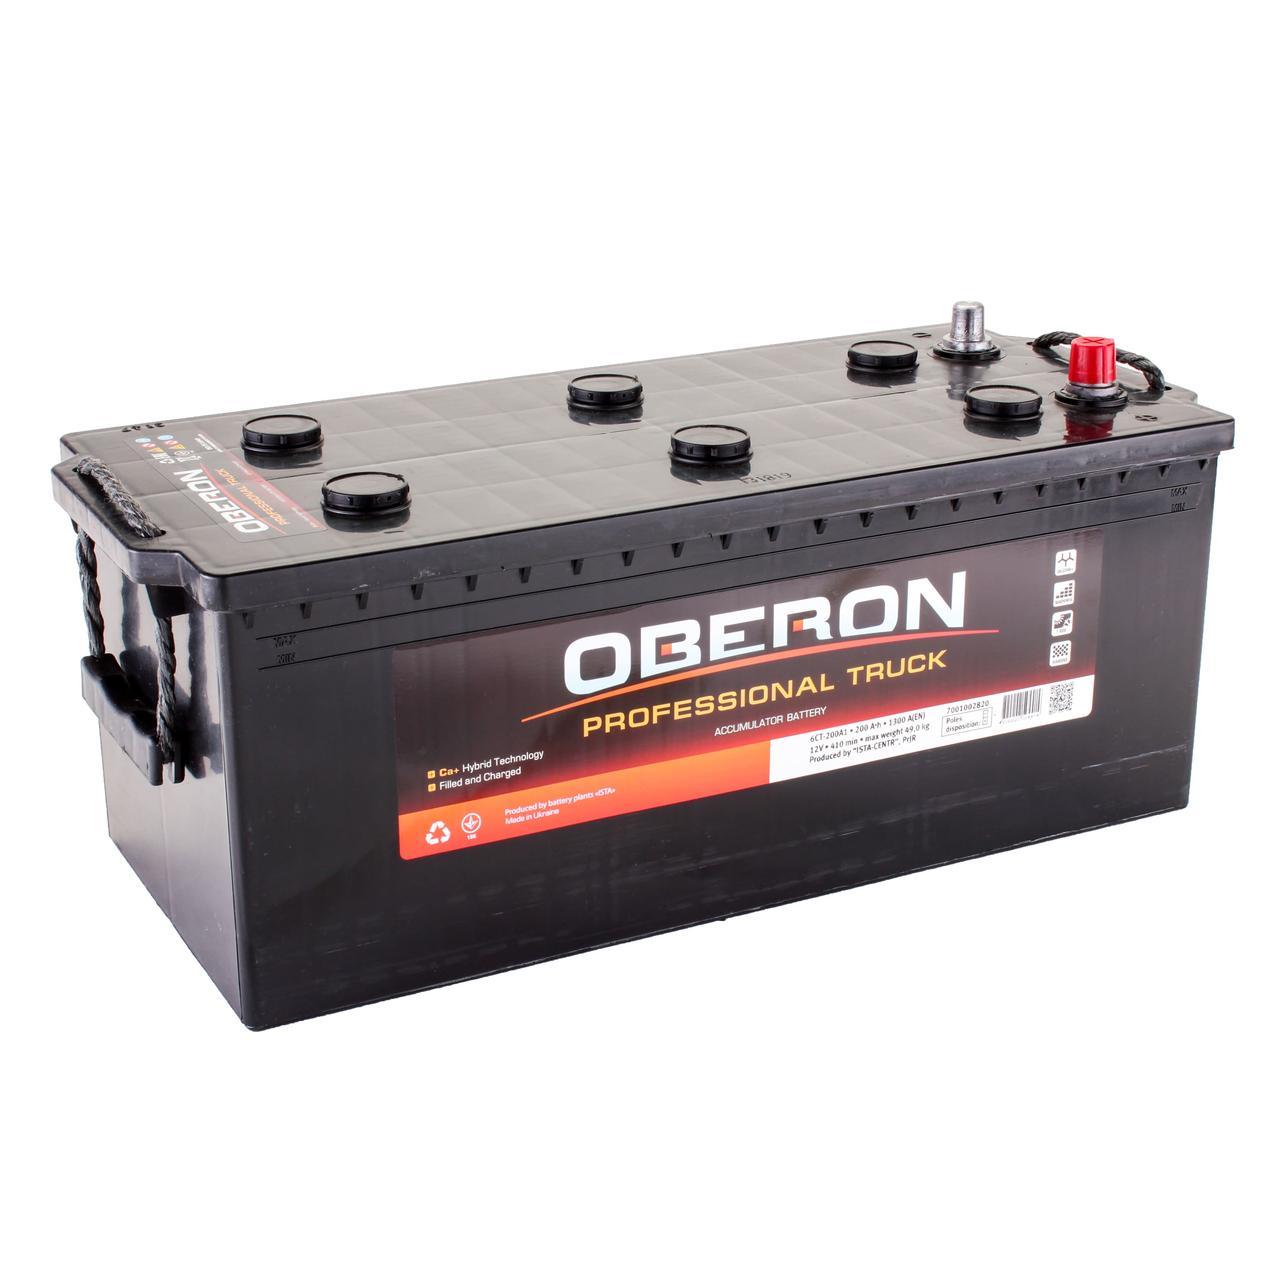 Аккумулятор автомобильный OBERON Professional Truck 6CT 200Ah, пусковой ток 1300А [+|–]